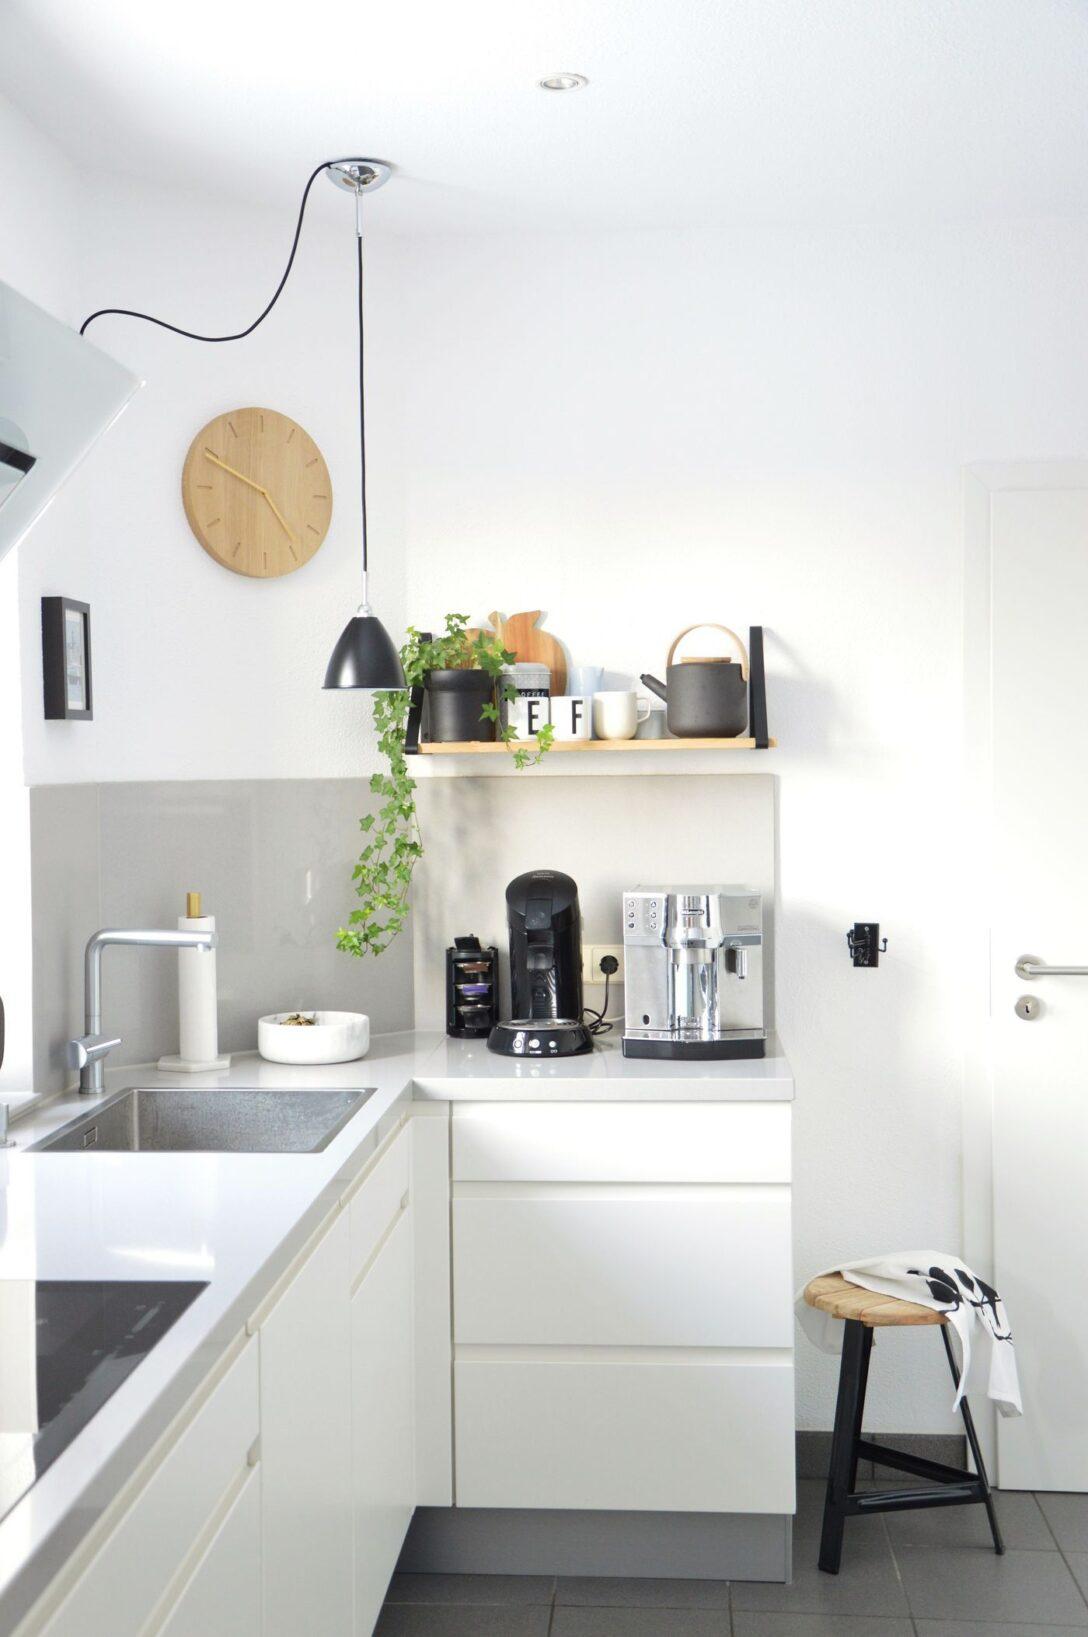 Large Size of Küche Aufbewahrung Betten Mit Aufbewahrungsbox Garten Aufbewahrungsbehälter Aufbewahrungssystem Bett Wohnzimmer Aufbewahrung Küchenutensilien